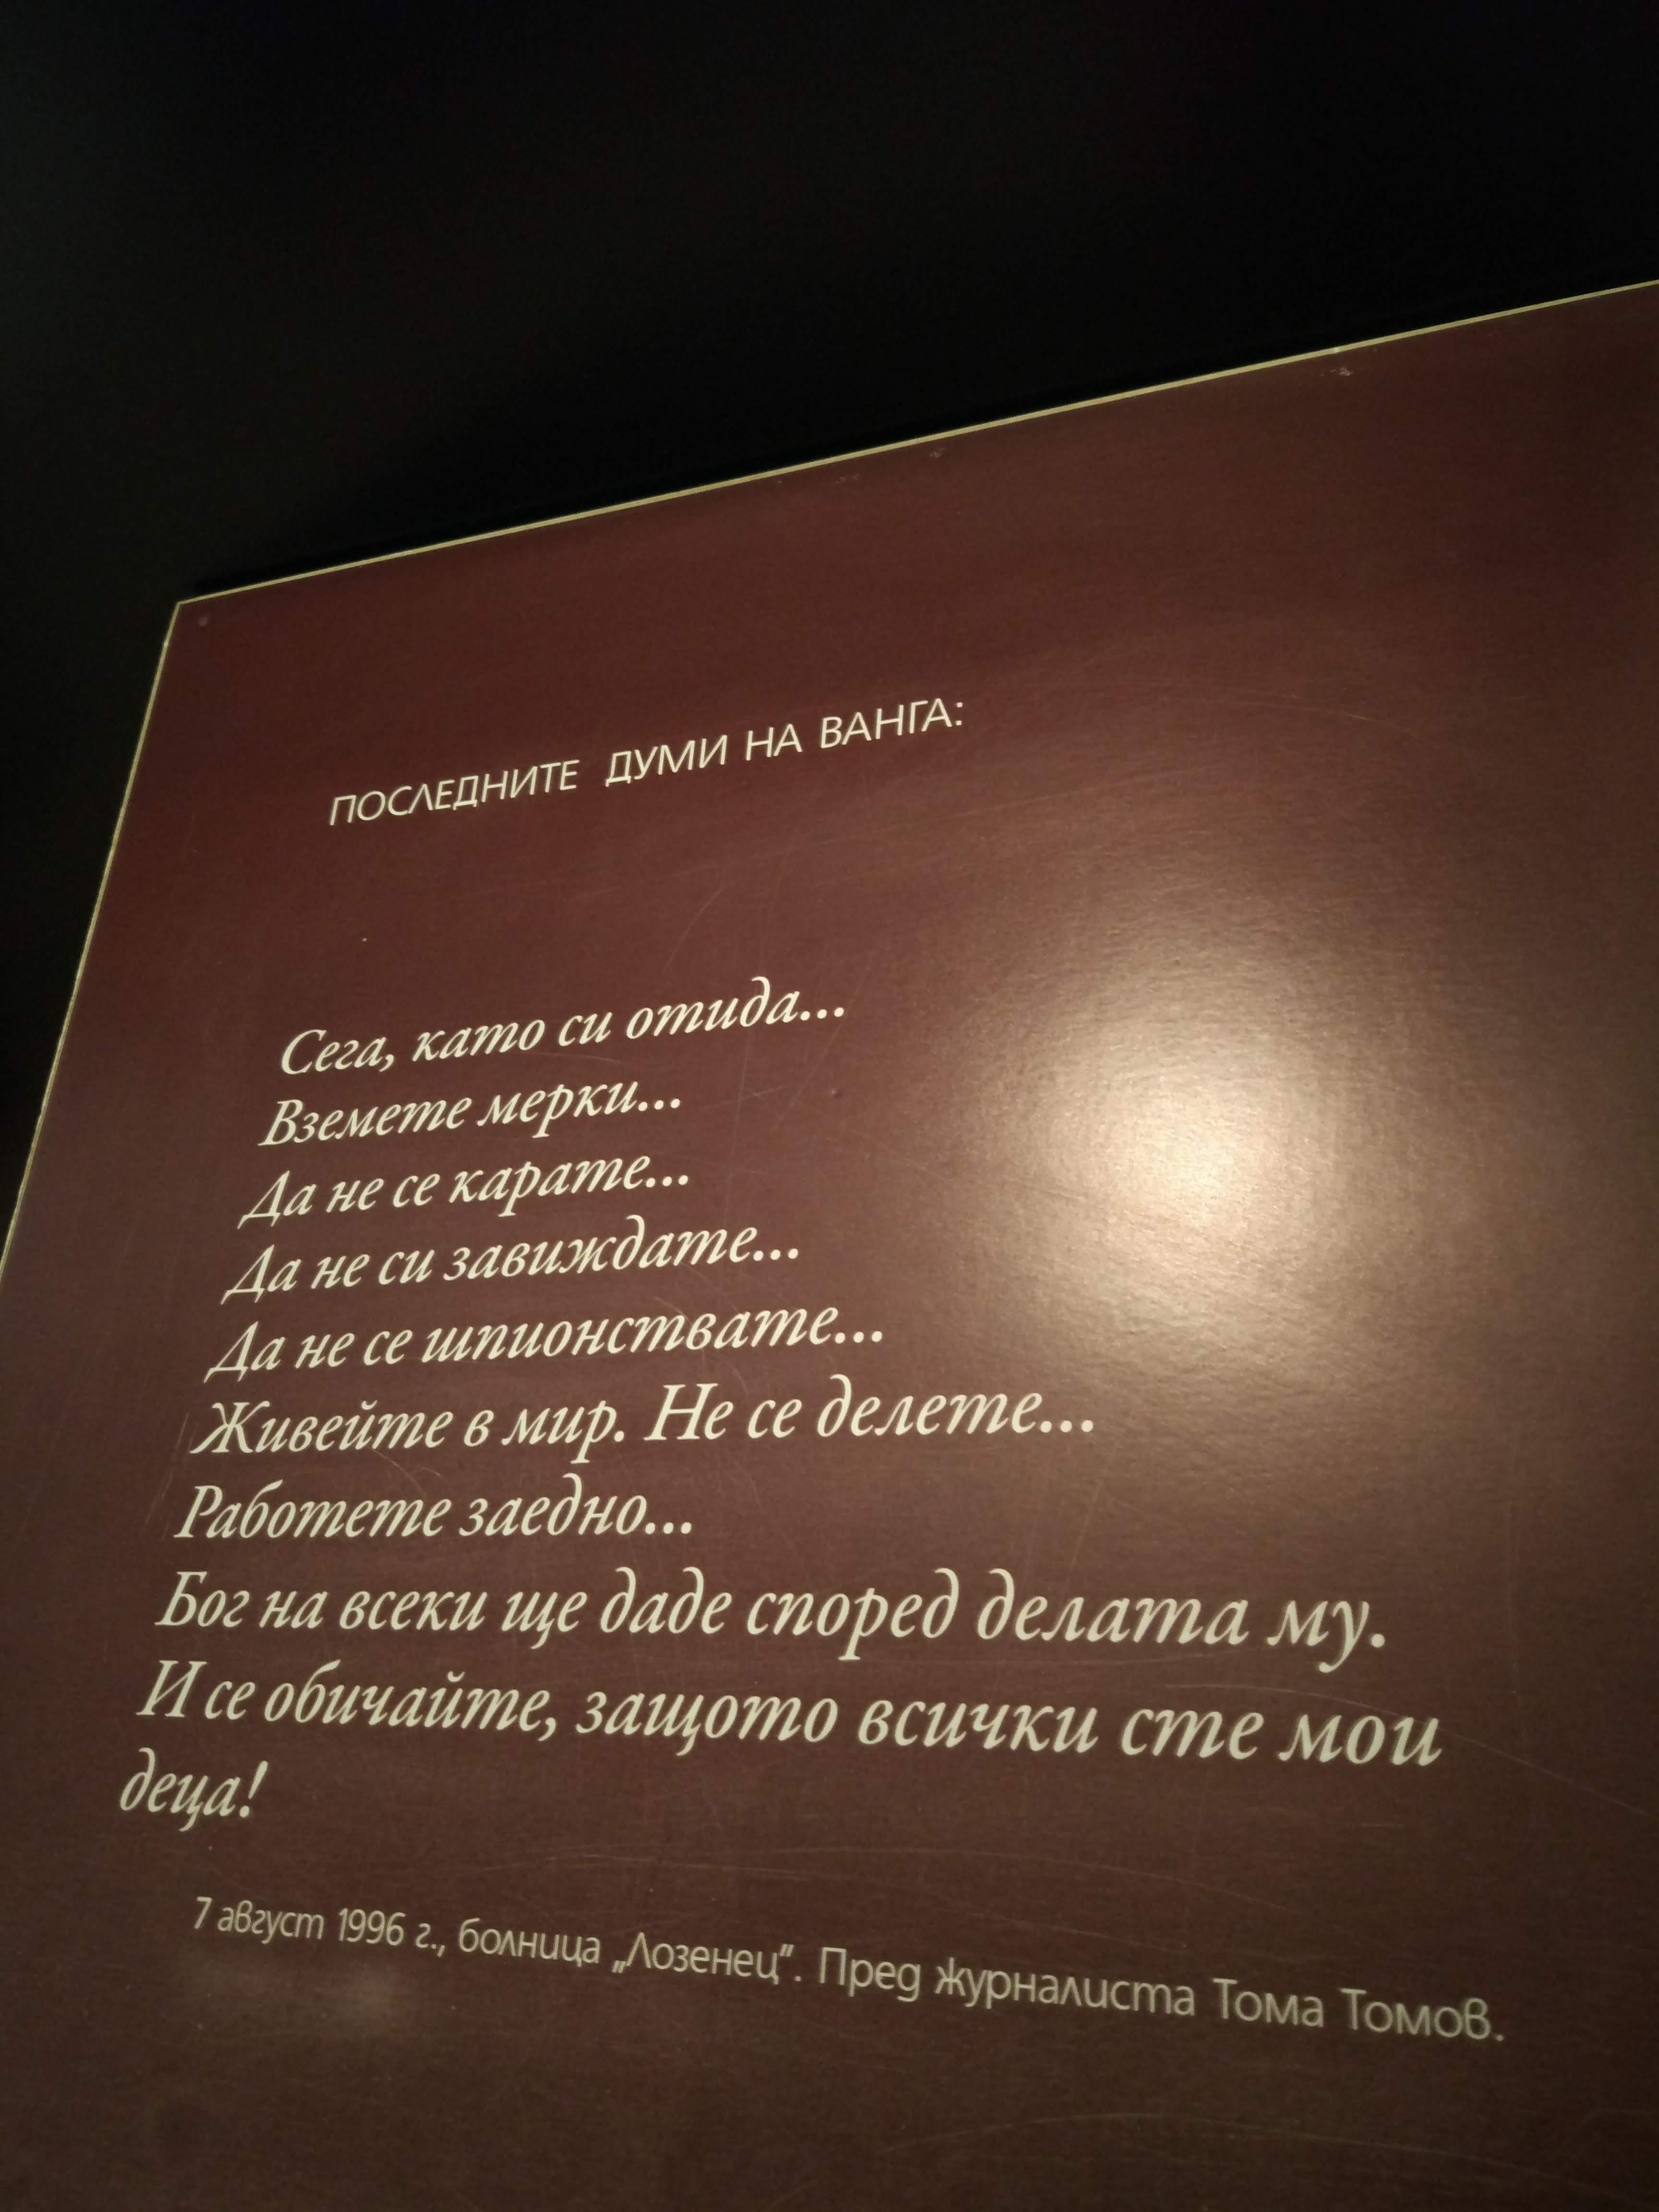 Last words of Baba Vanga